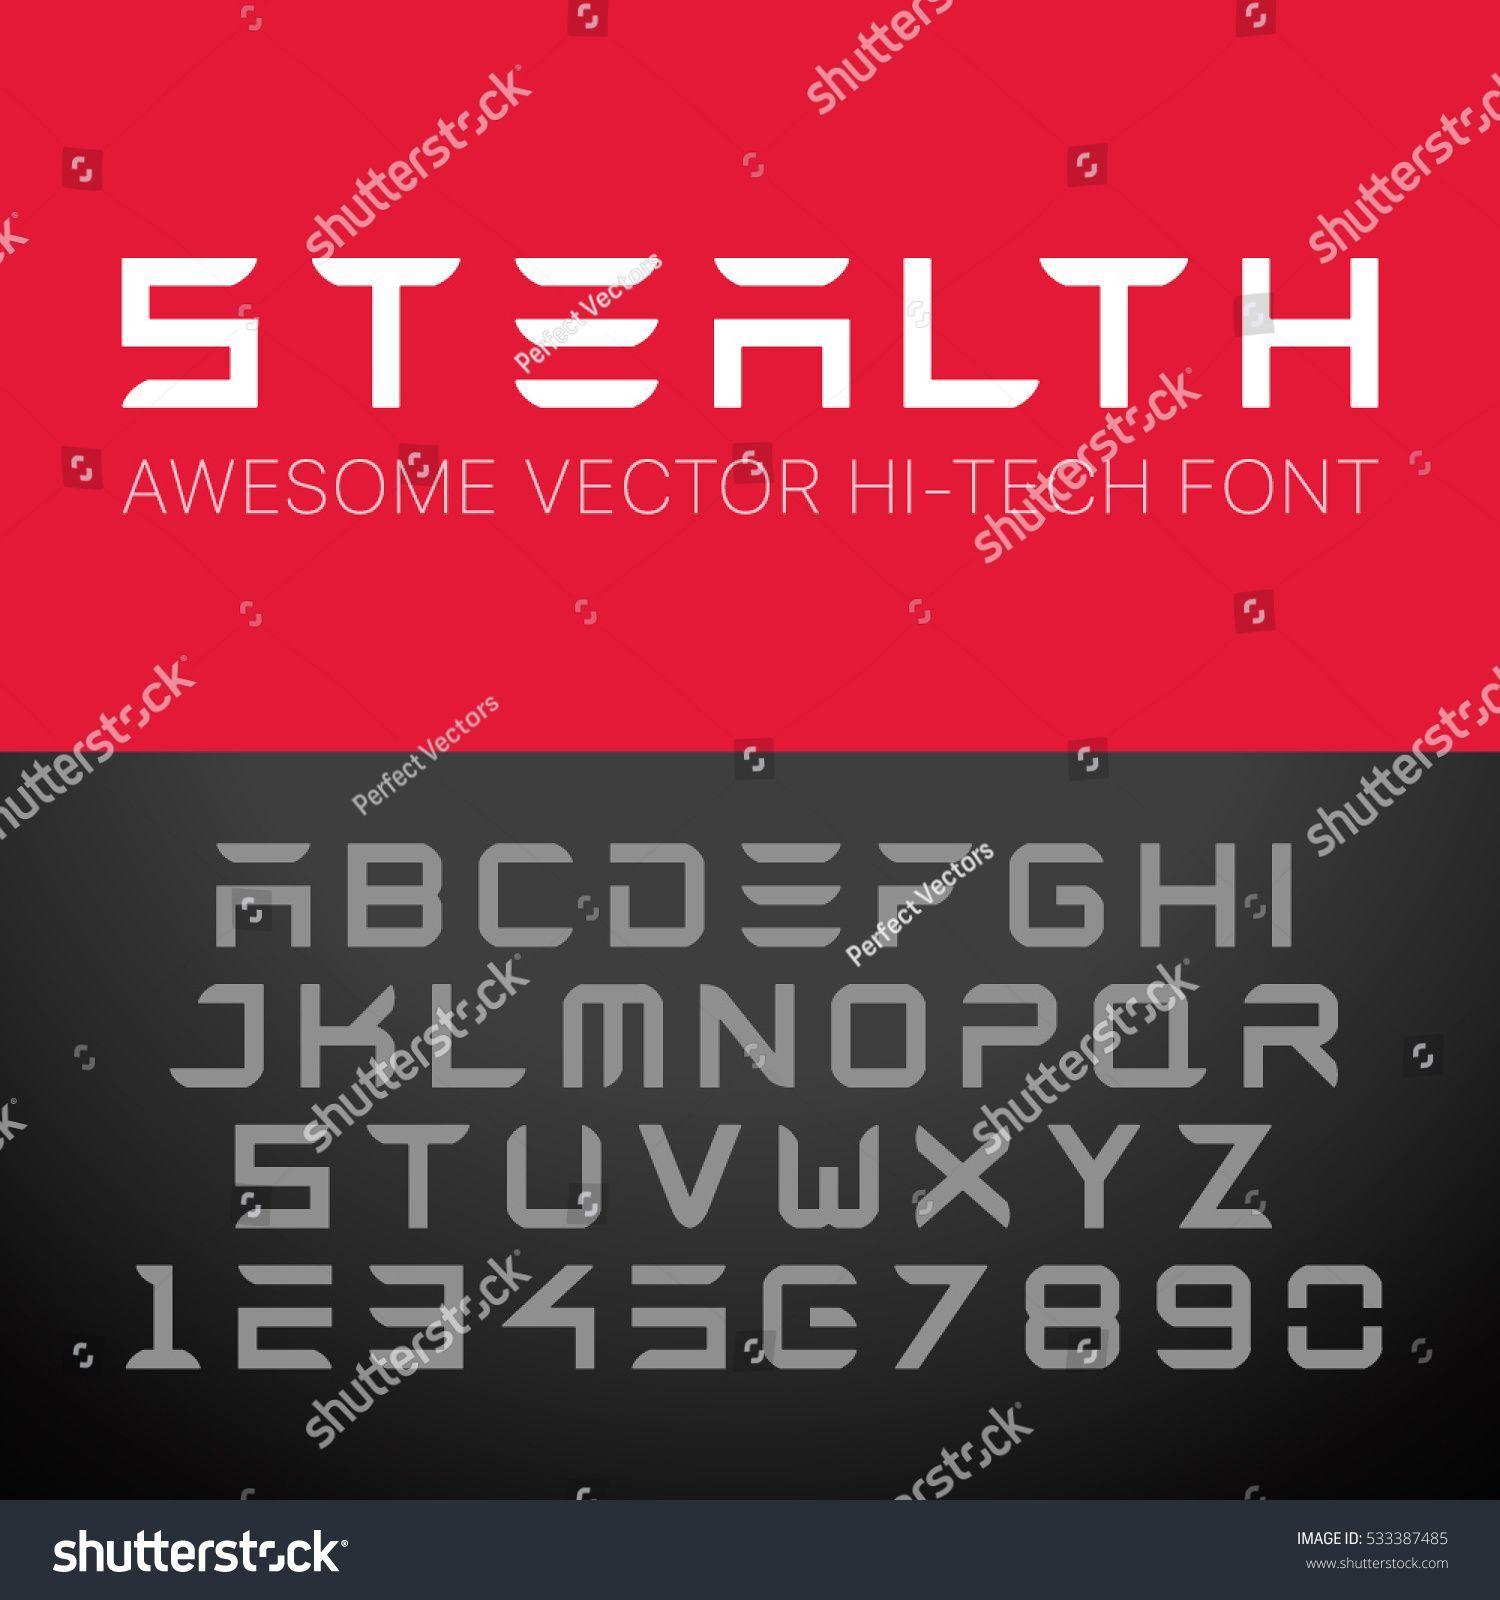 Modern HiTech Font. Vector Techno Alphabet. FontTech